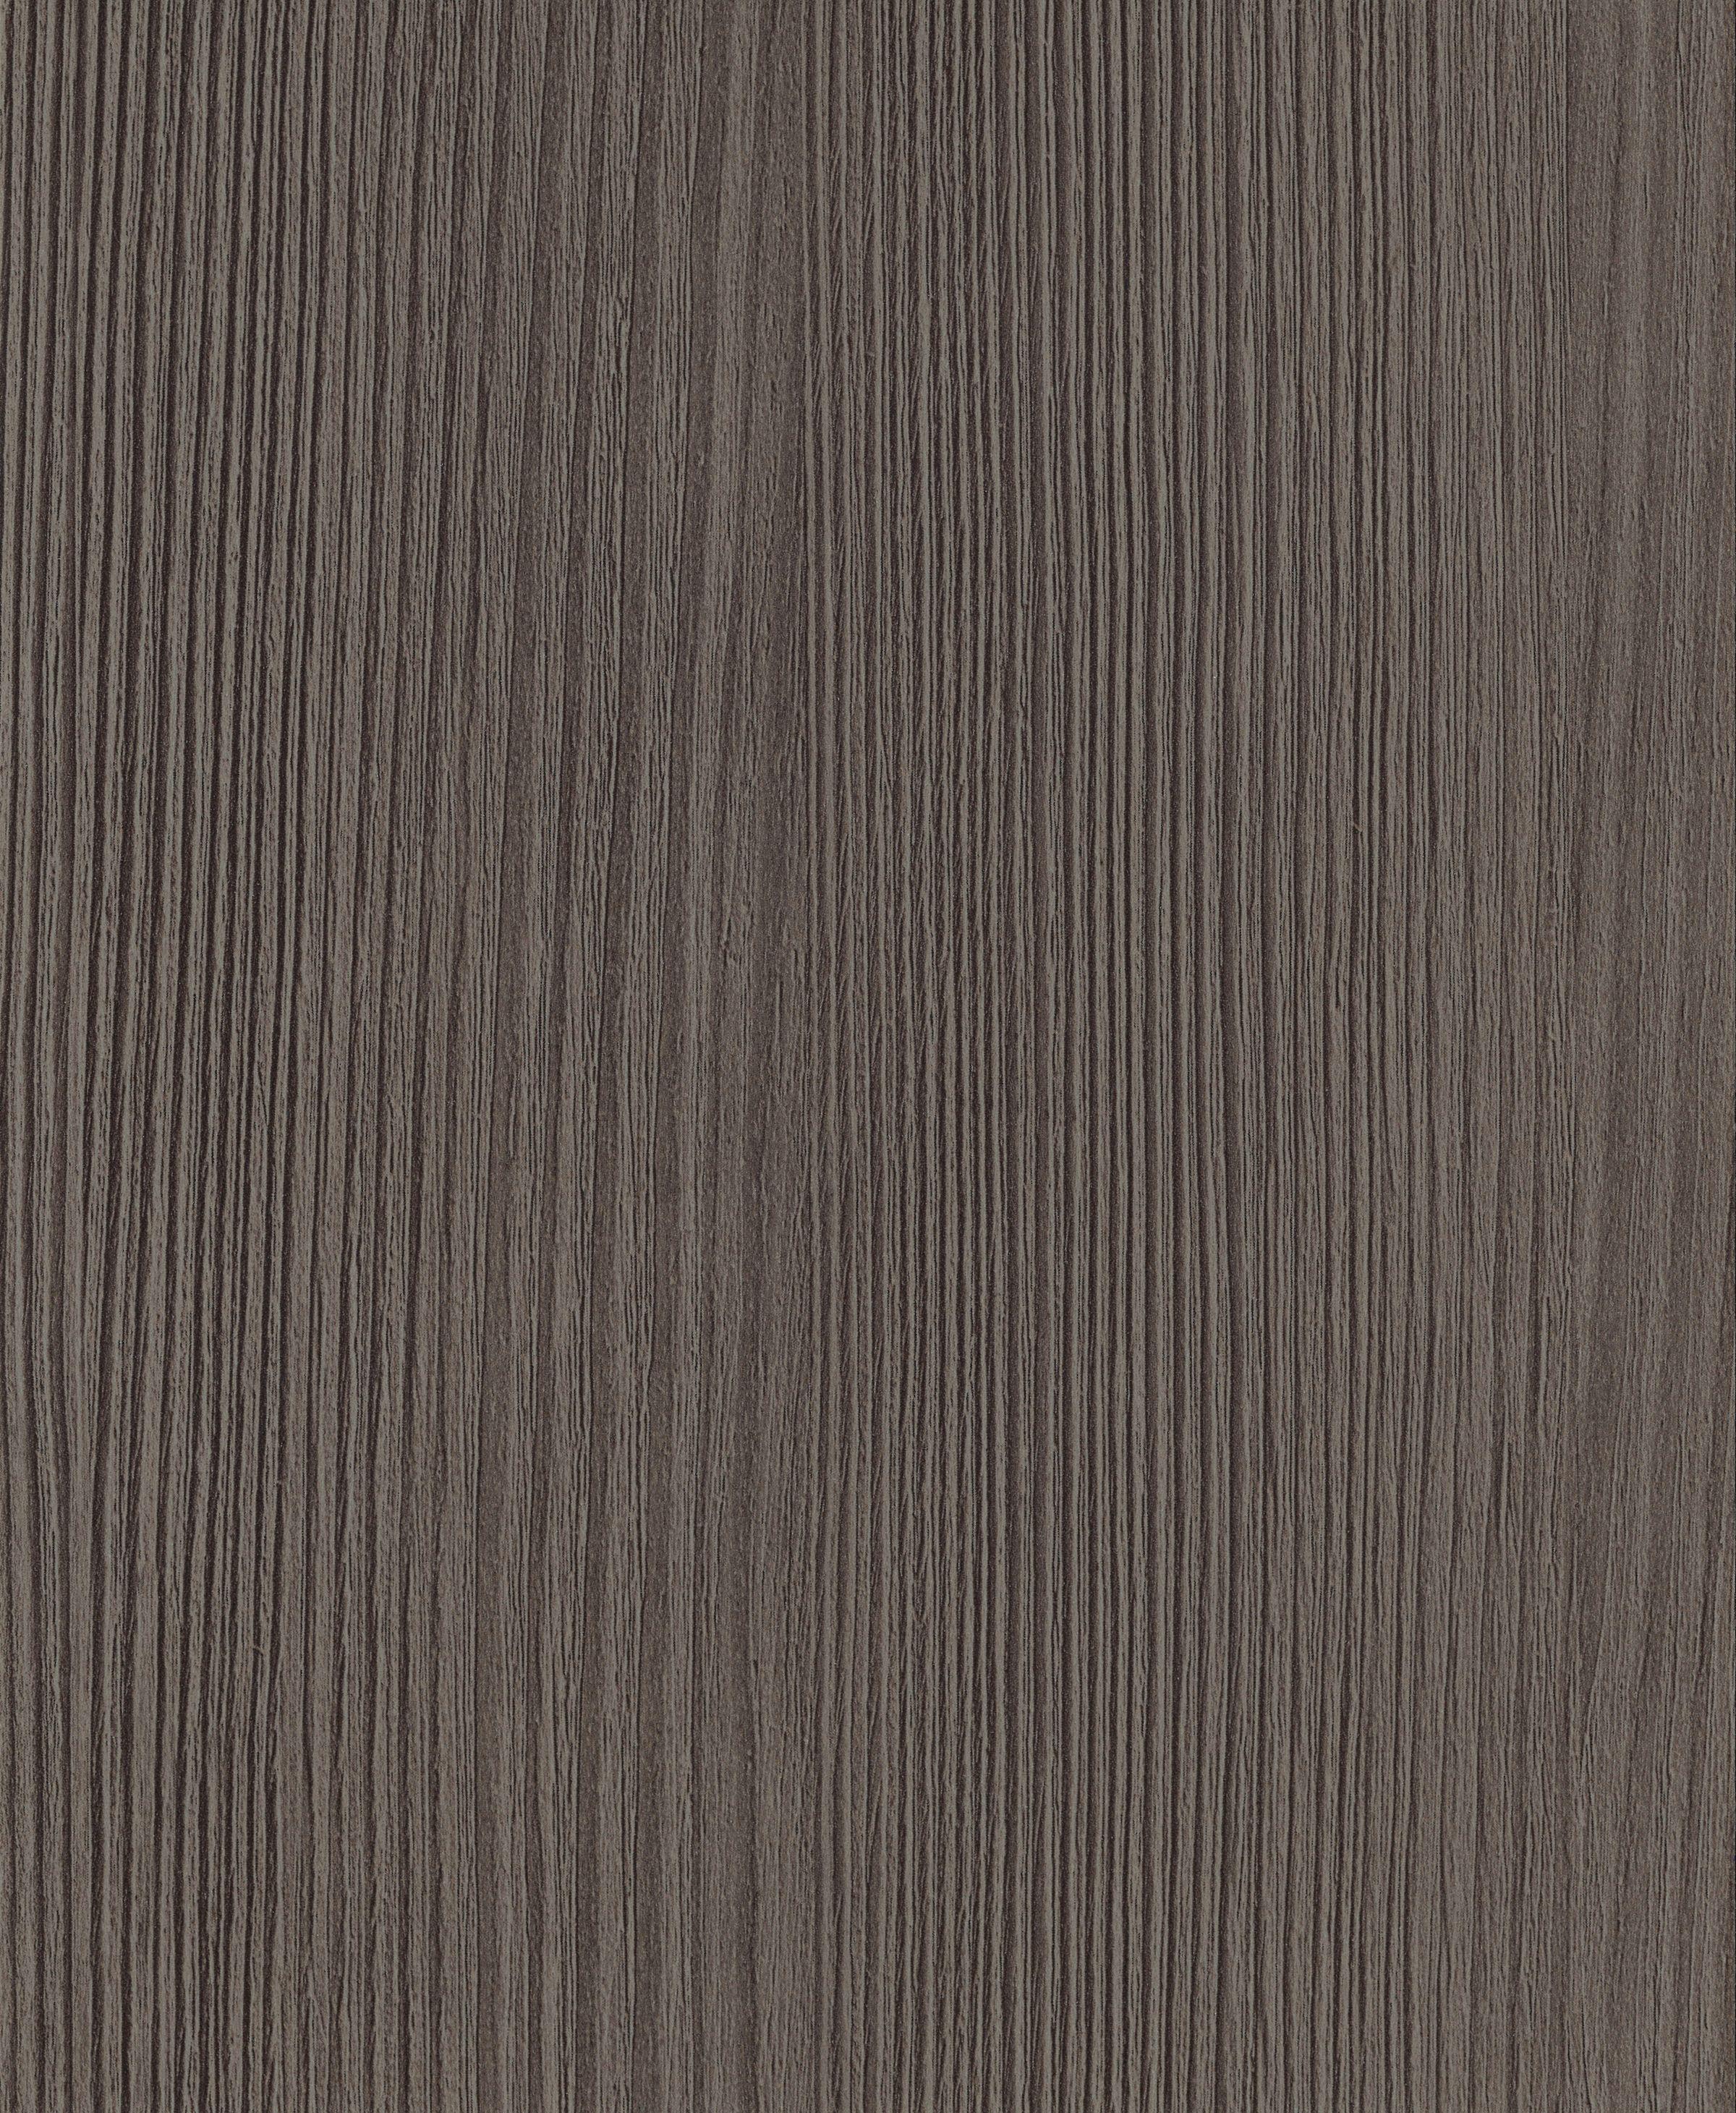 Pavia Larch Bwk 8366 Aw Mit Bildern Texturen Textur